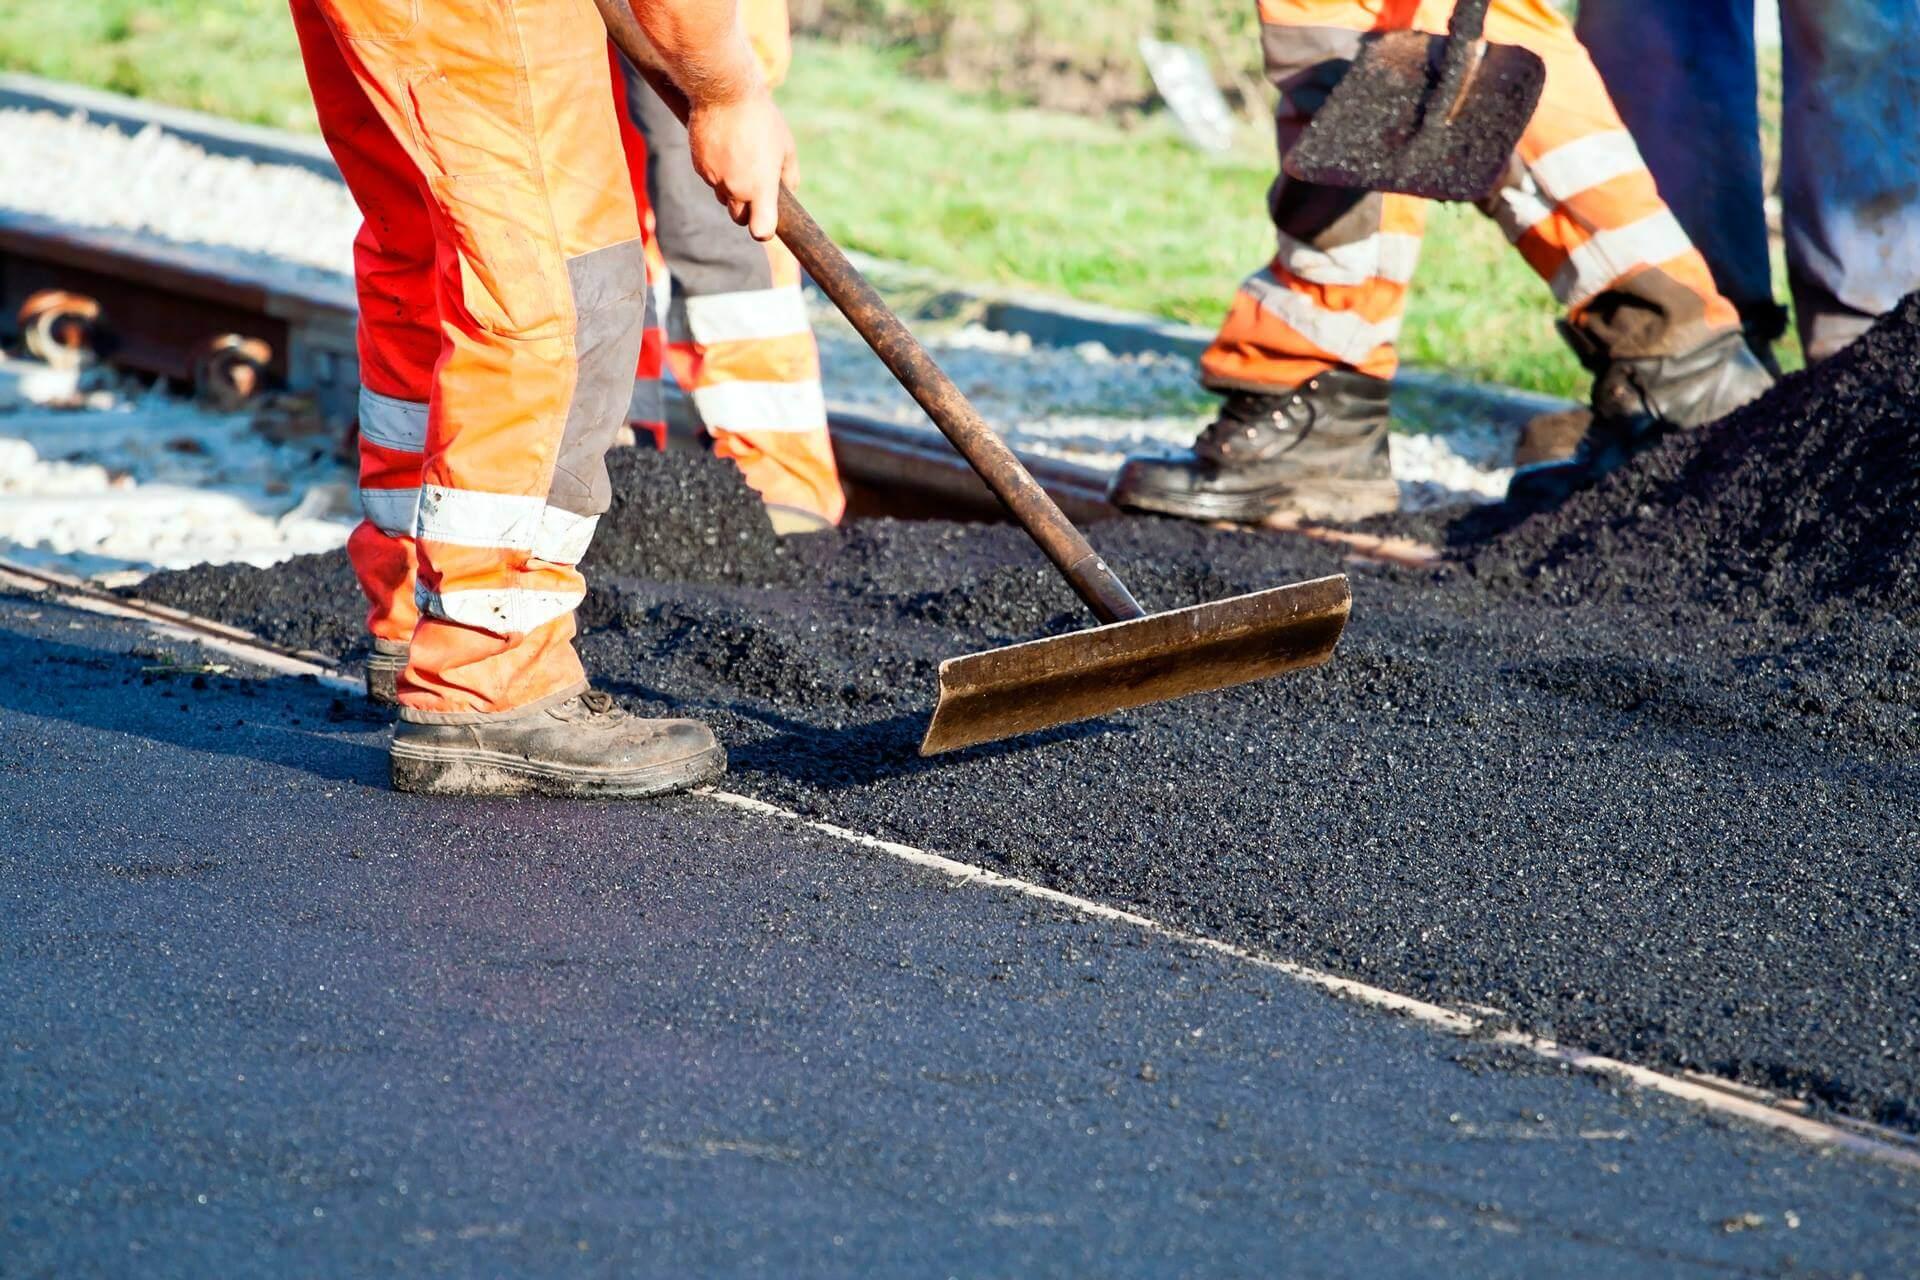 В Тверской области в программу ремонта дорог включат дополнительные объекты